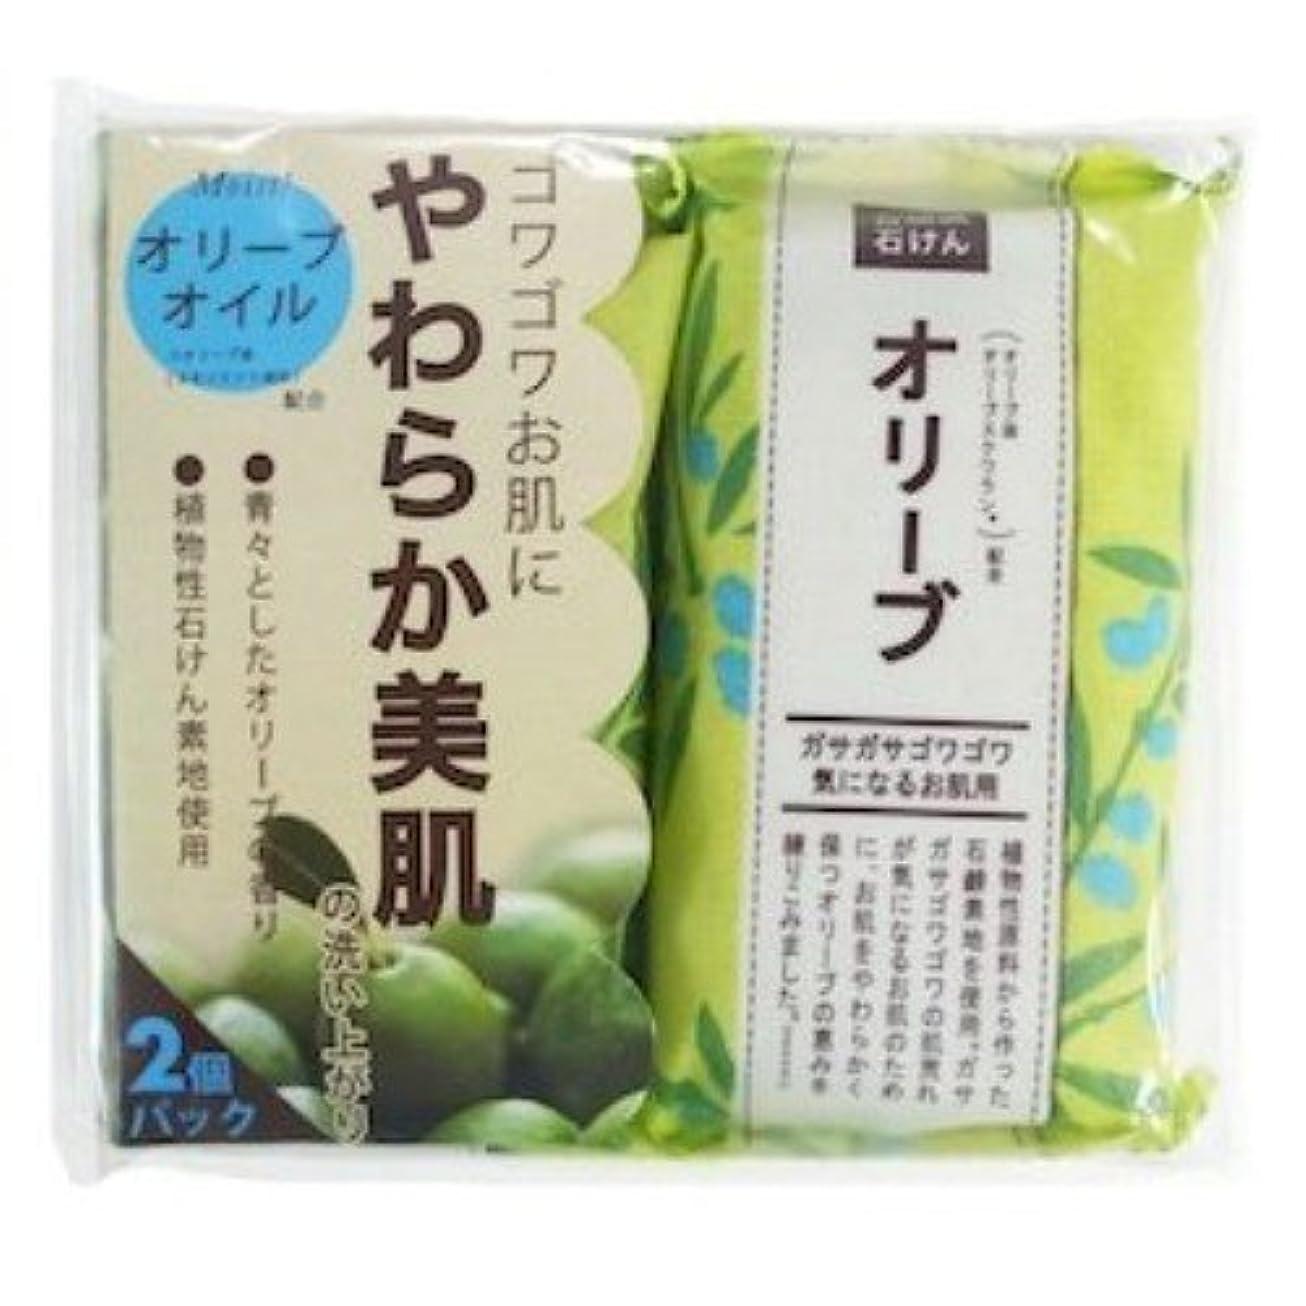 引くびん退屈させるペリカン石鹸 自然派石けん オリーブ 100g×2個